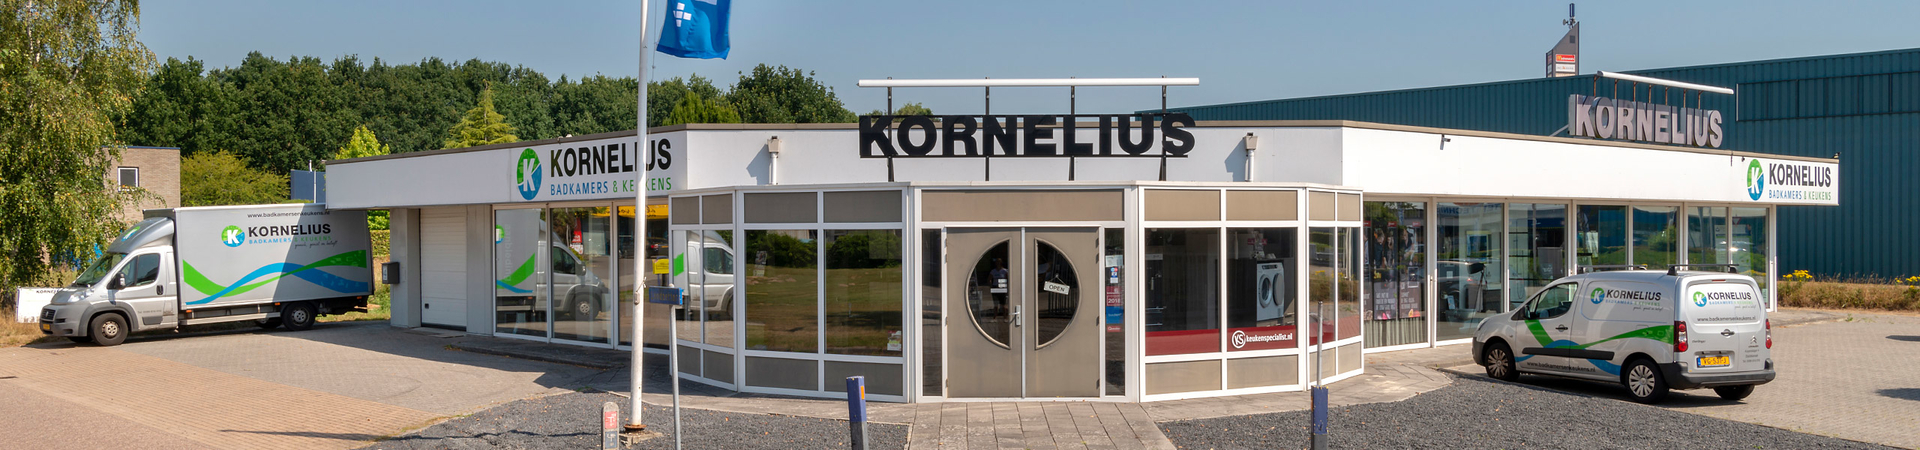 Kornelius Badkamers & Keukens - Kornelius Badkamers & Keukens